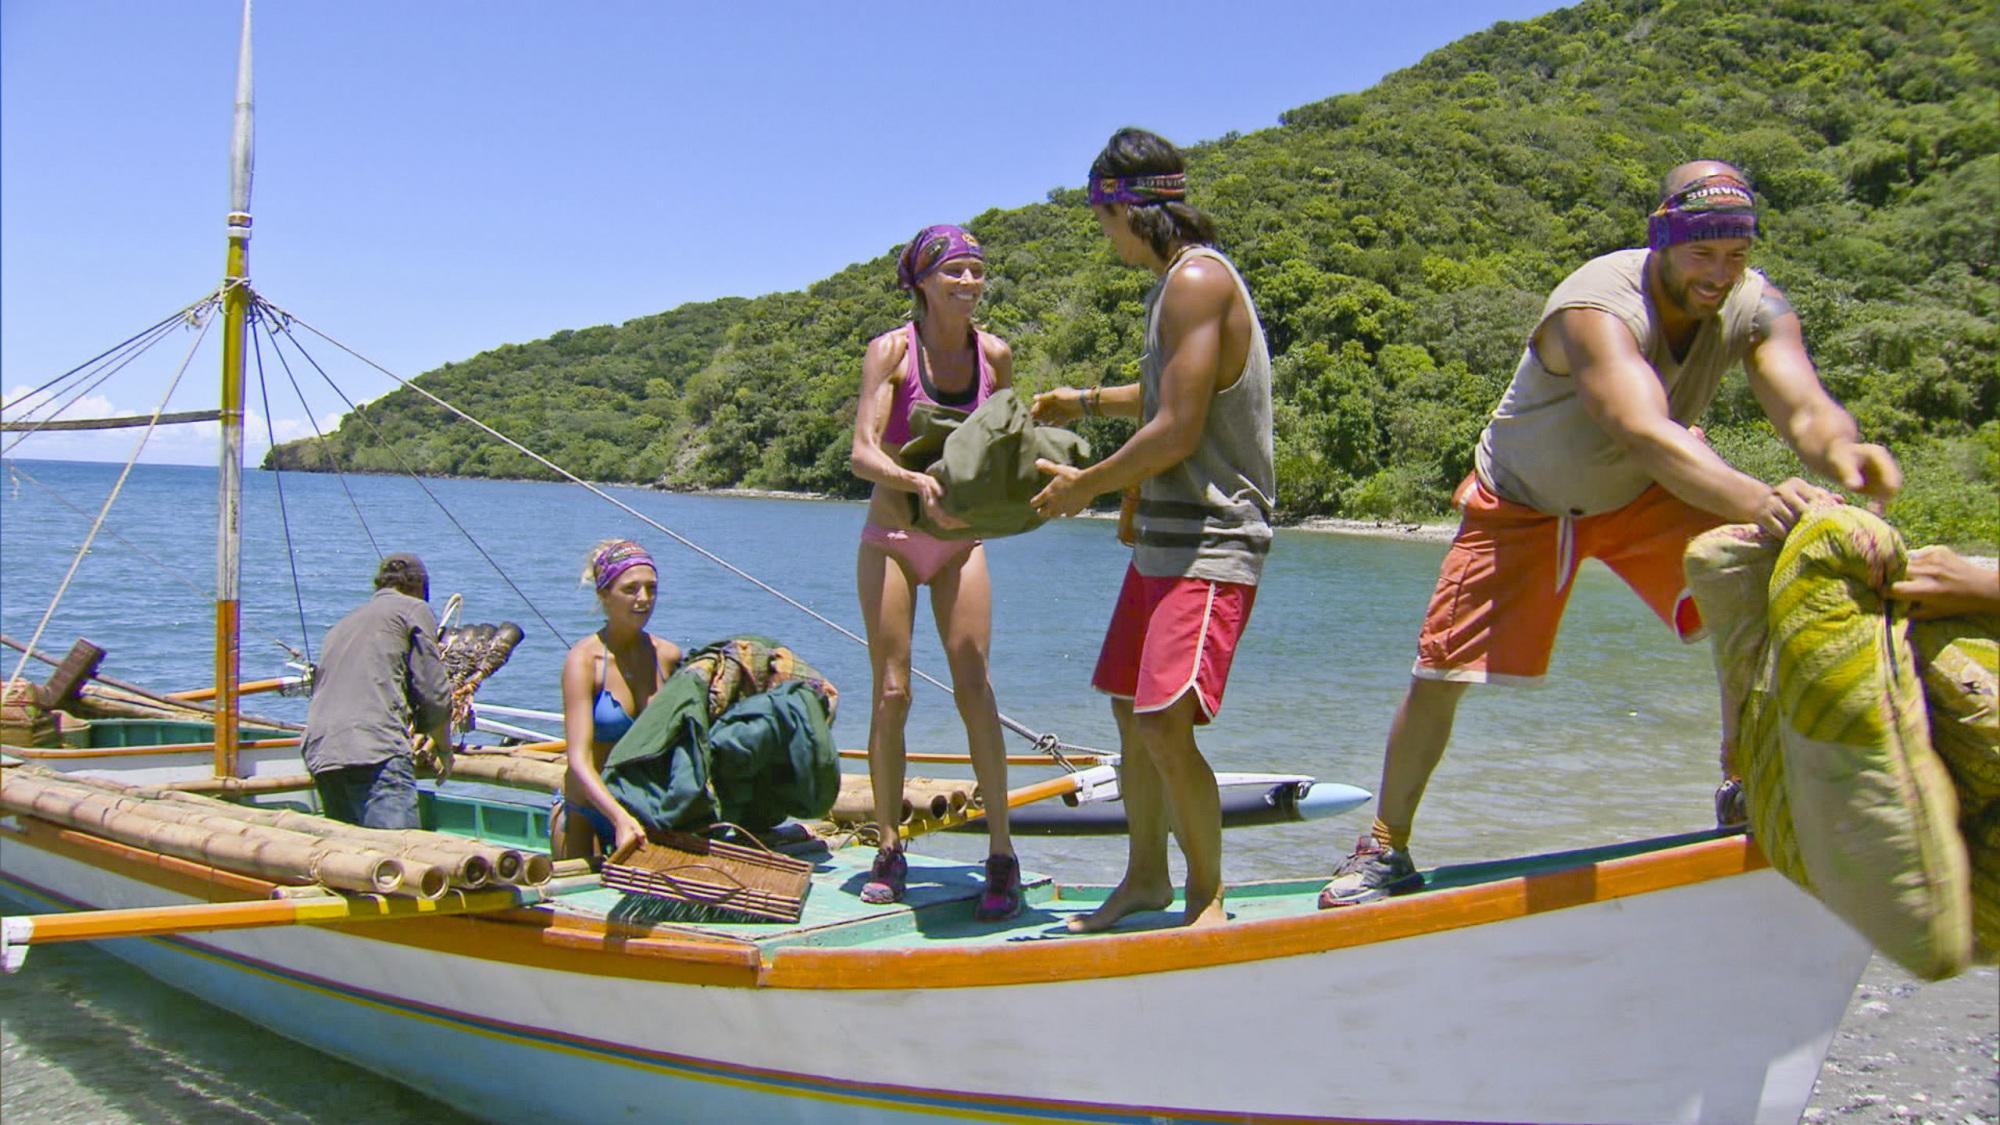 Unloading the boat in Season 28 Episode 6